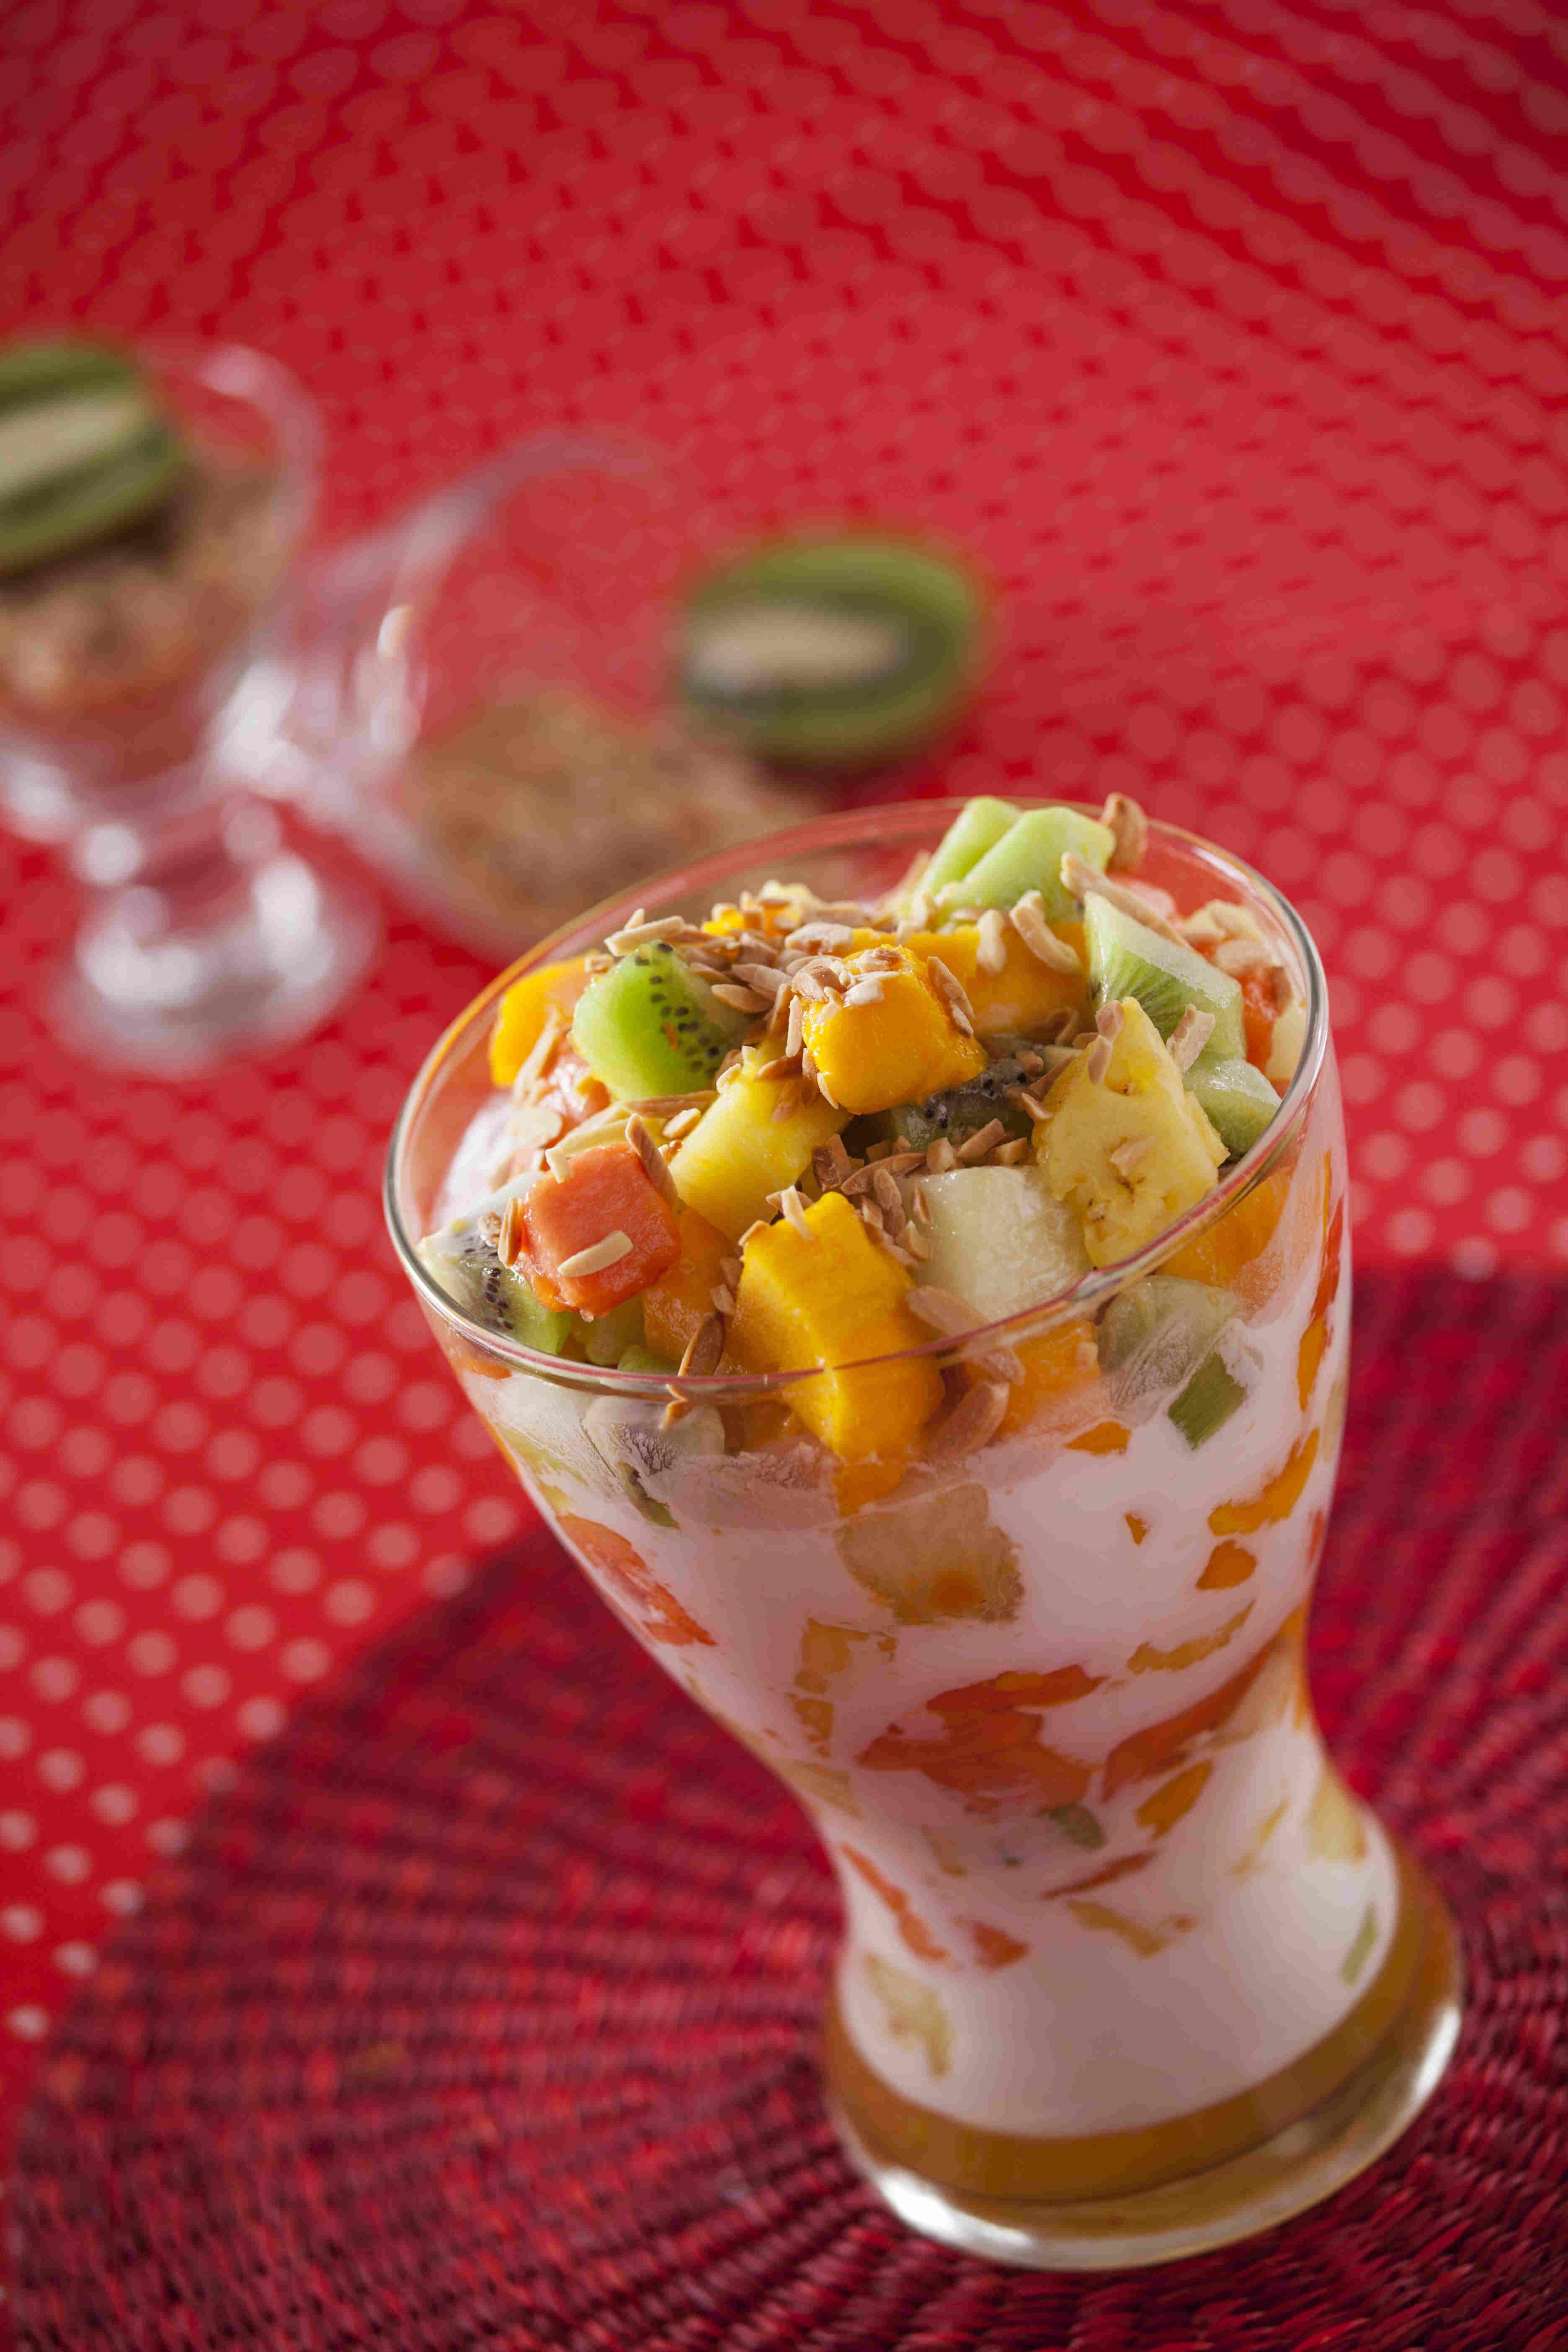 Delicia Tropical  Kids Culinária -  Edição Especial da TeleCulinária  www.teleculinaria.pt